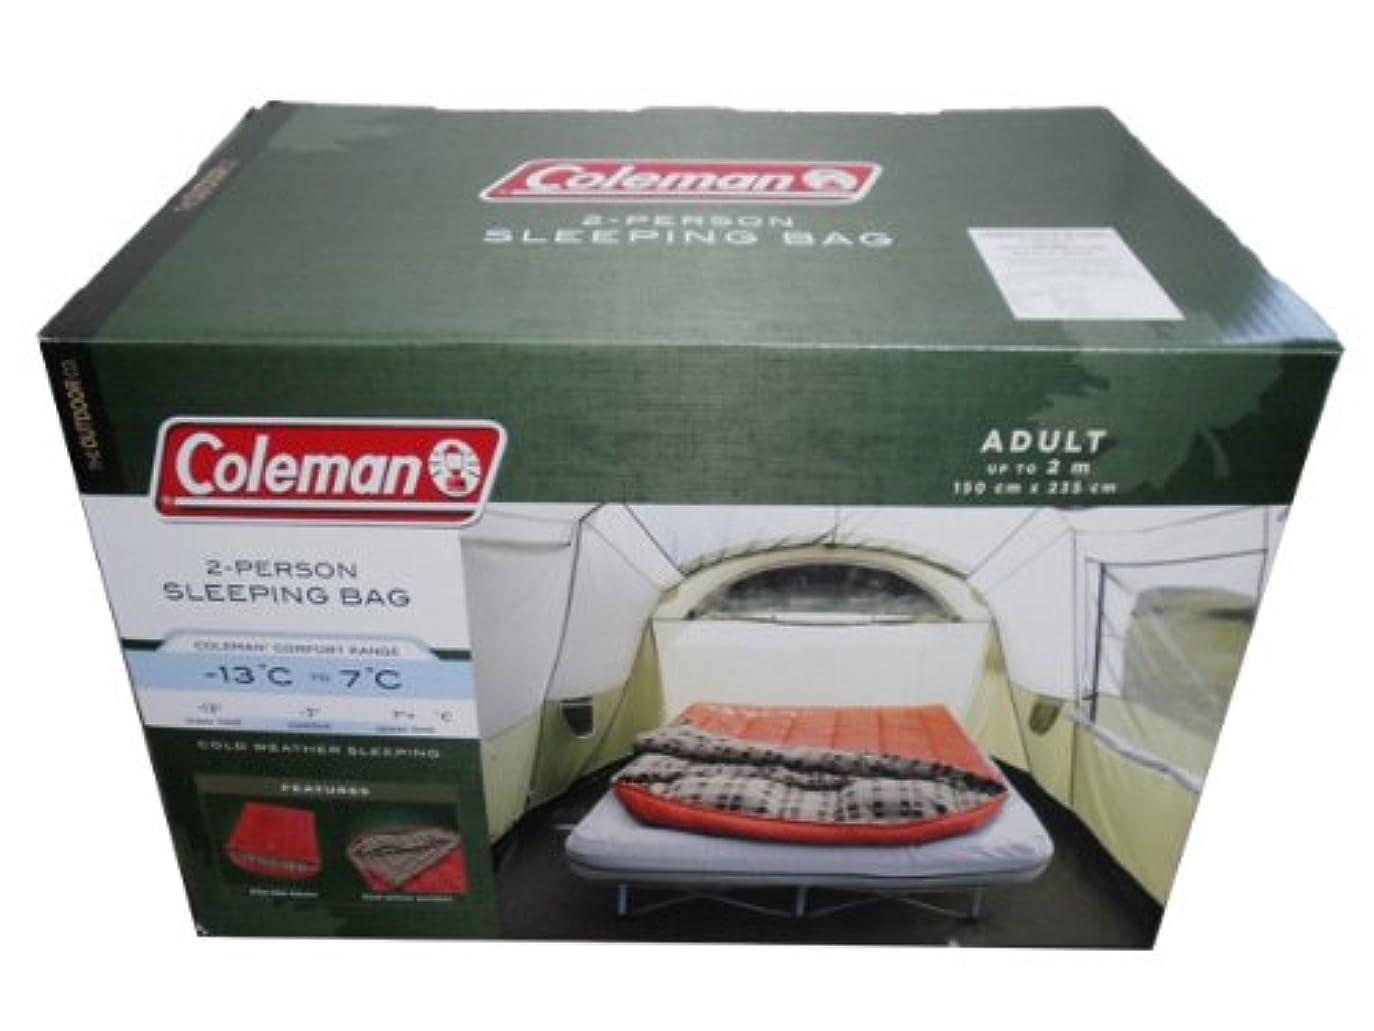 争うスリーブタフColeman コールマン 二人用スリーピングバッグ 寝袋 -13℃から7℃ 150×235cm 2-Person Sleeping Bag Model:2000012600《》